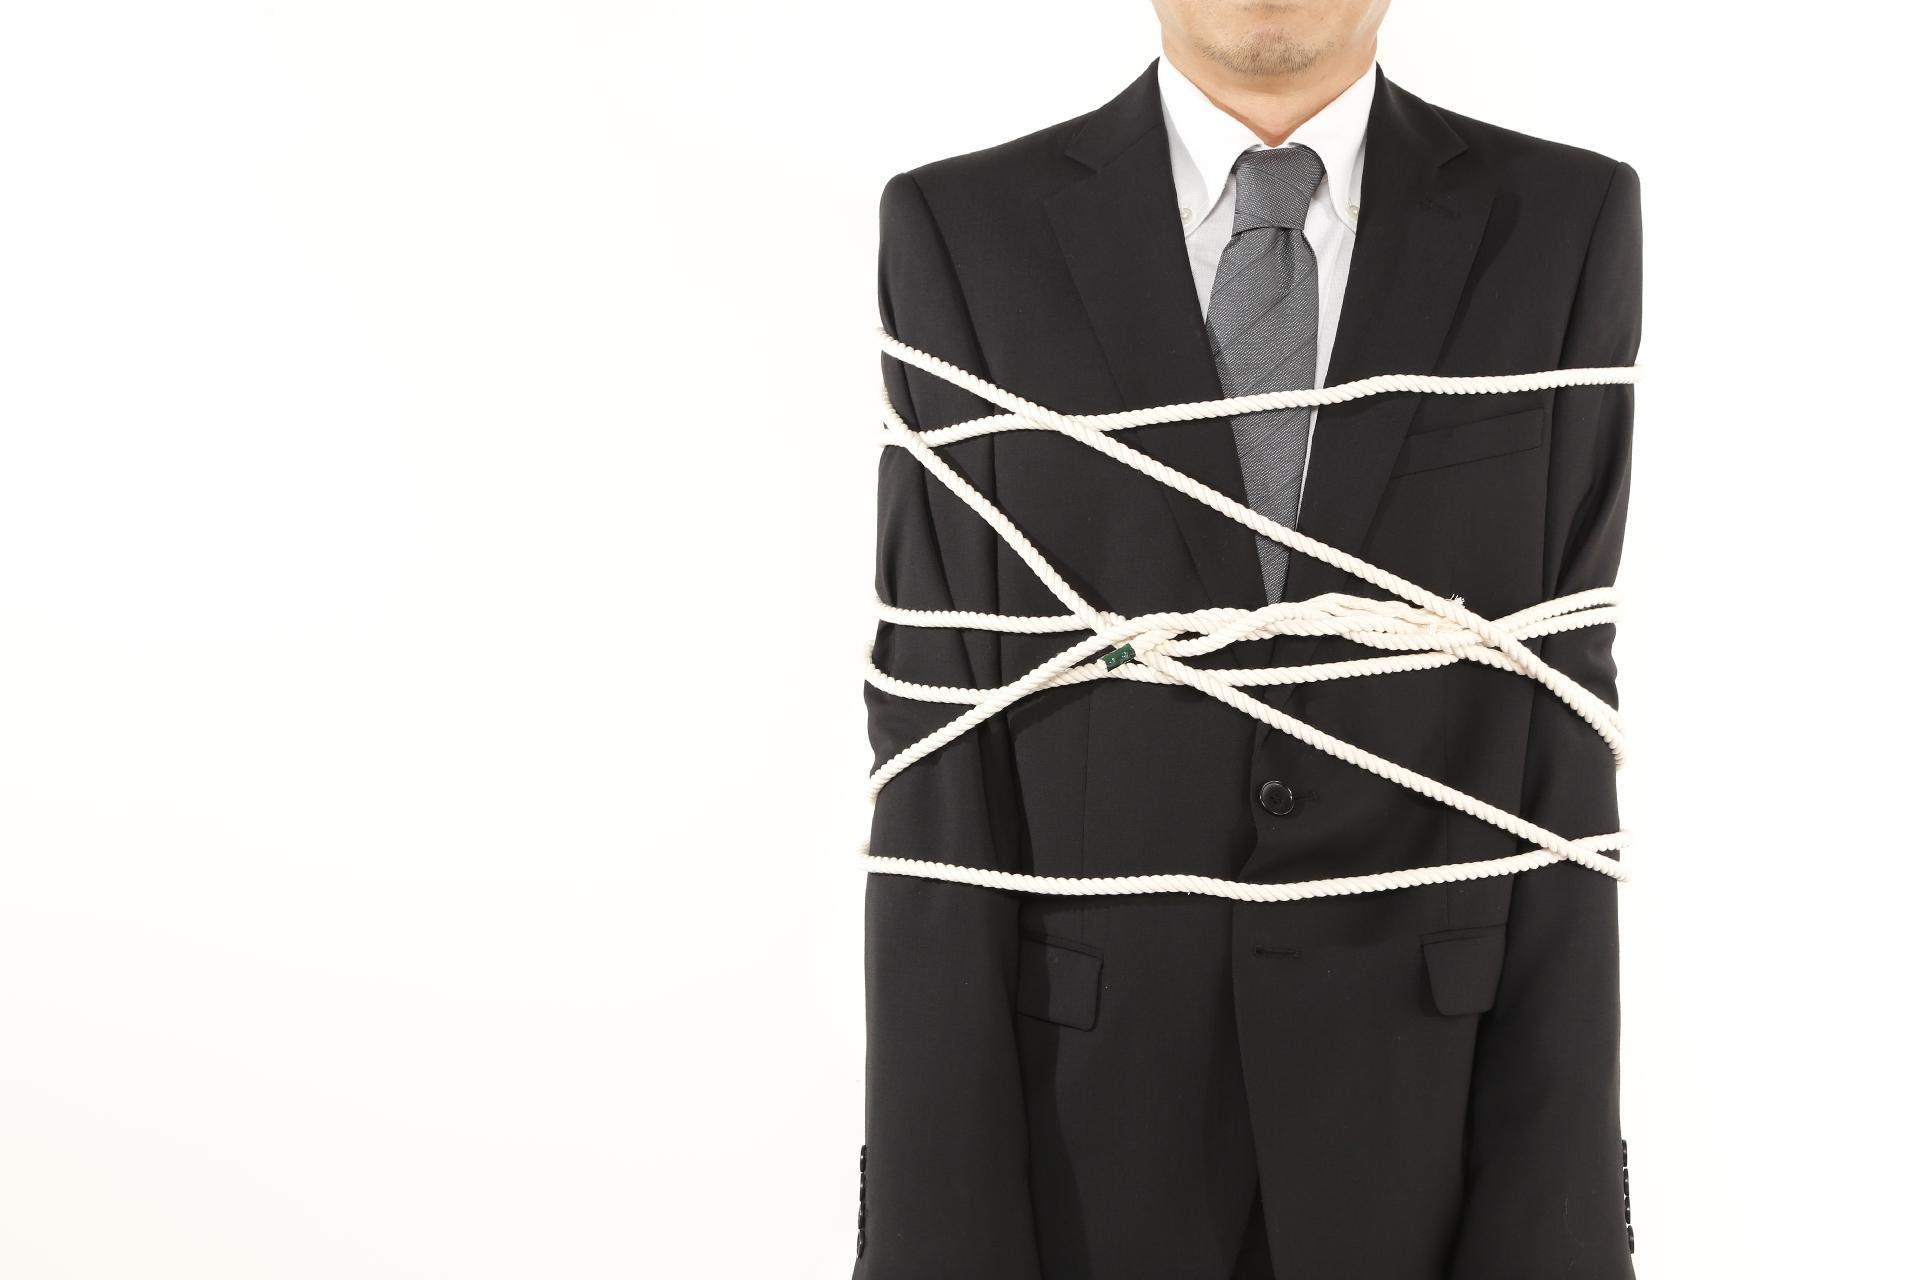 「辞めたいのに辞めさせてくれない」と悩む人々 会社に「ワナ」を仕掛けられていないか